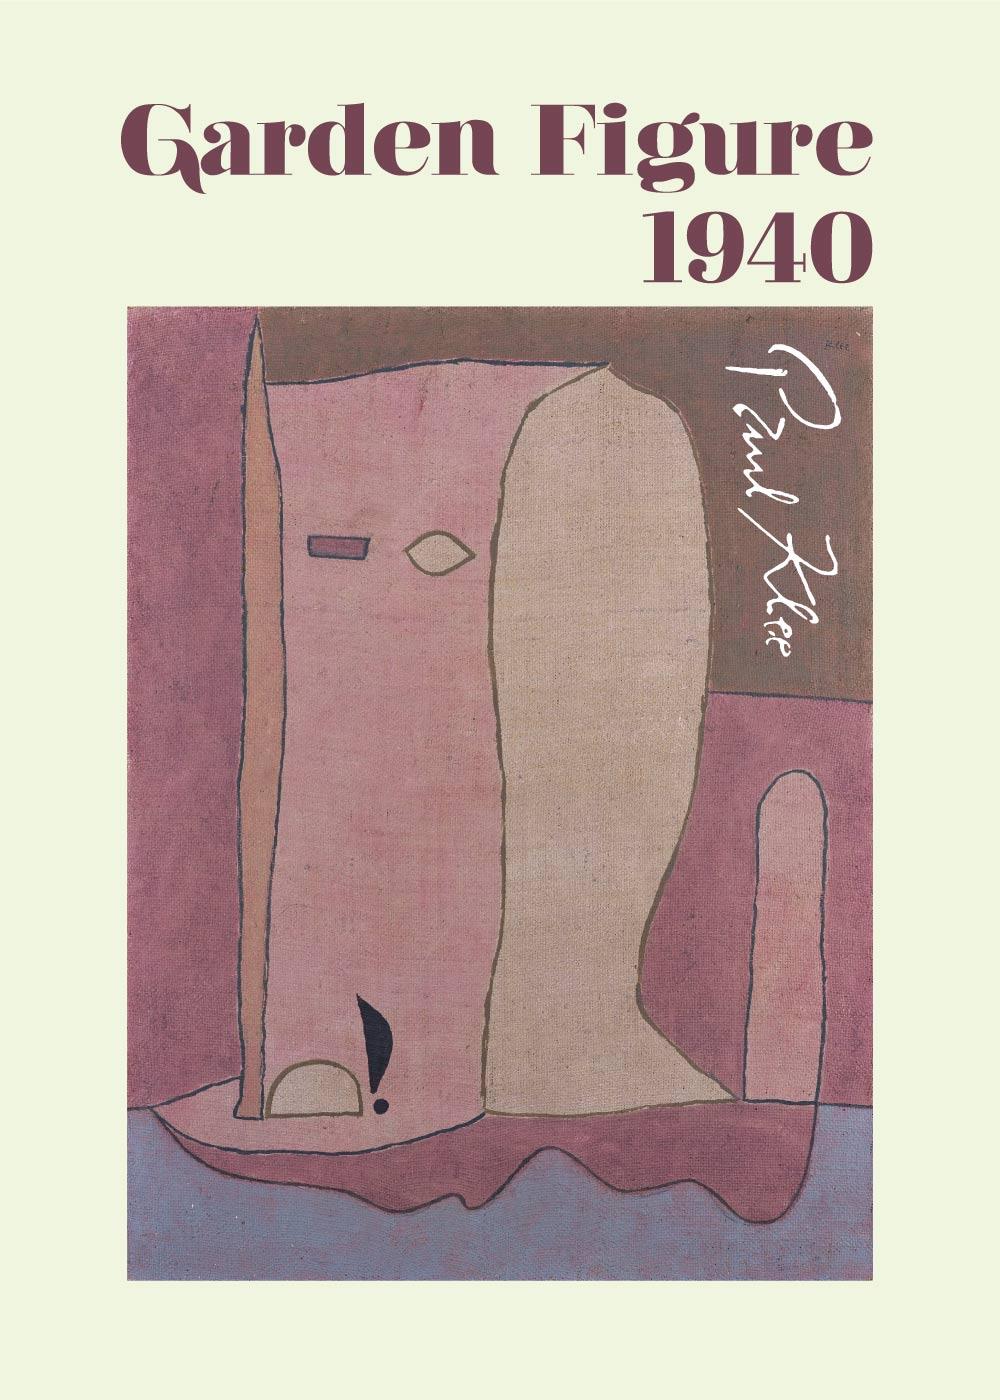 Billede af Garden figure - Paul Klee Kunstplakat